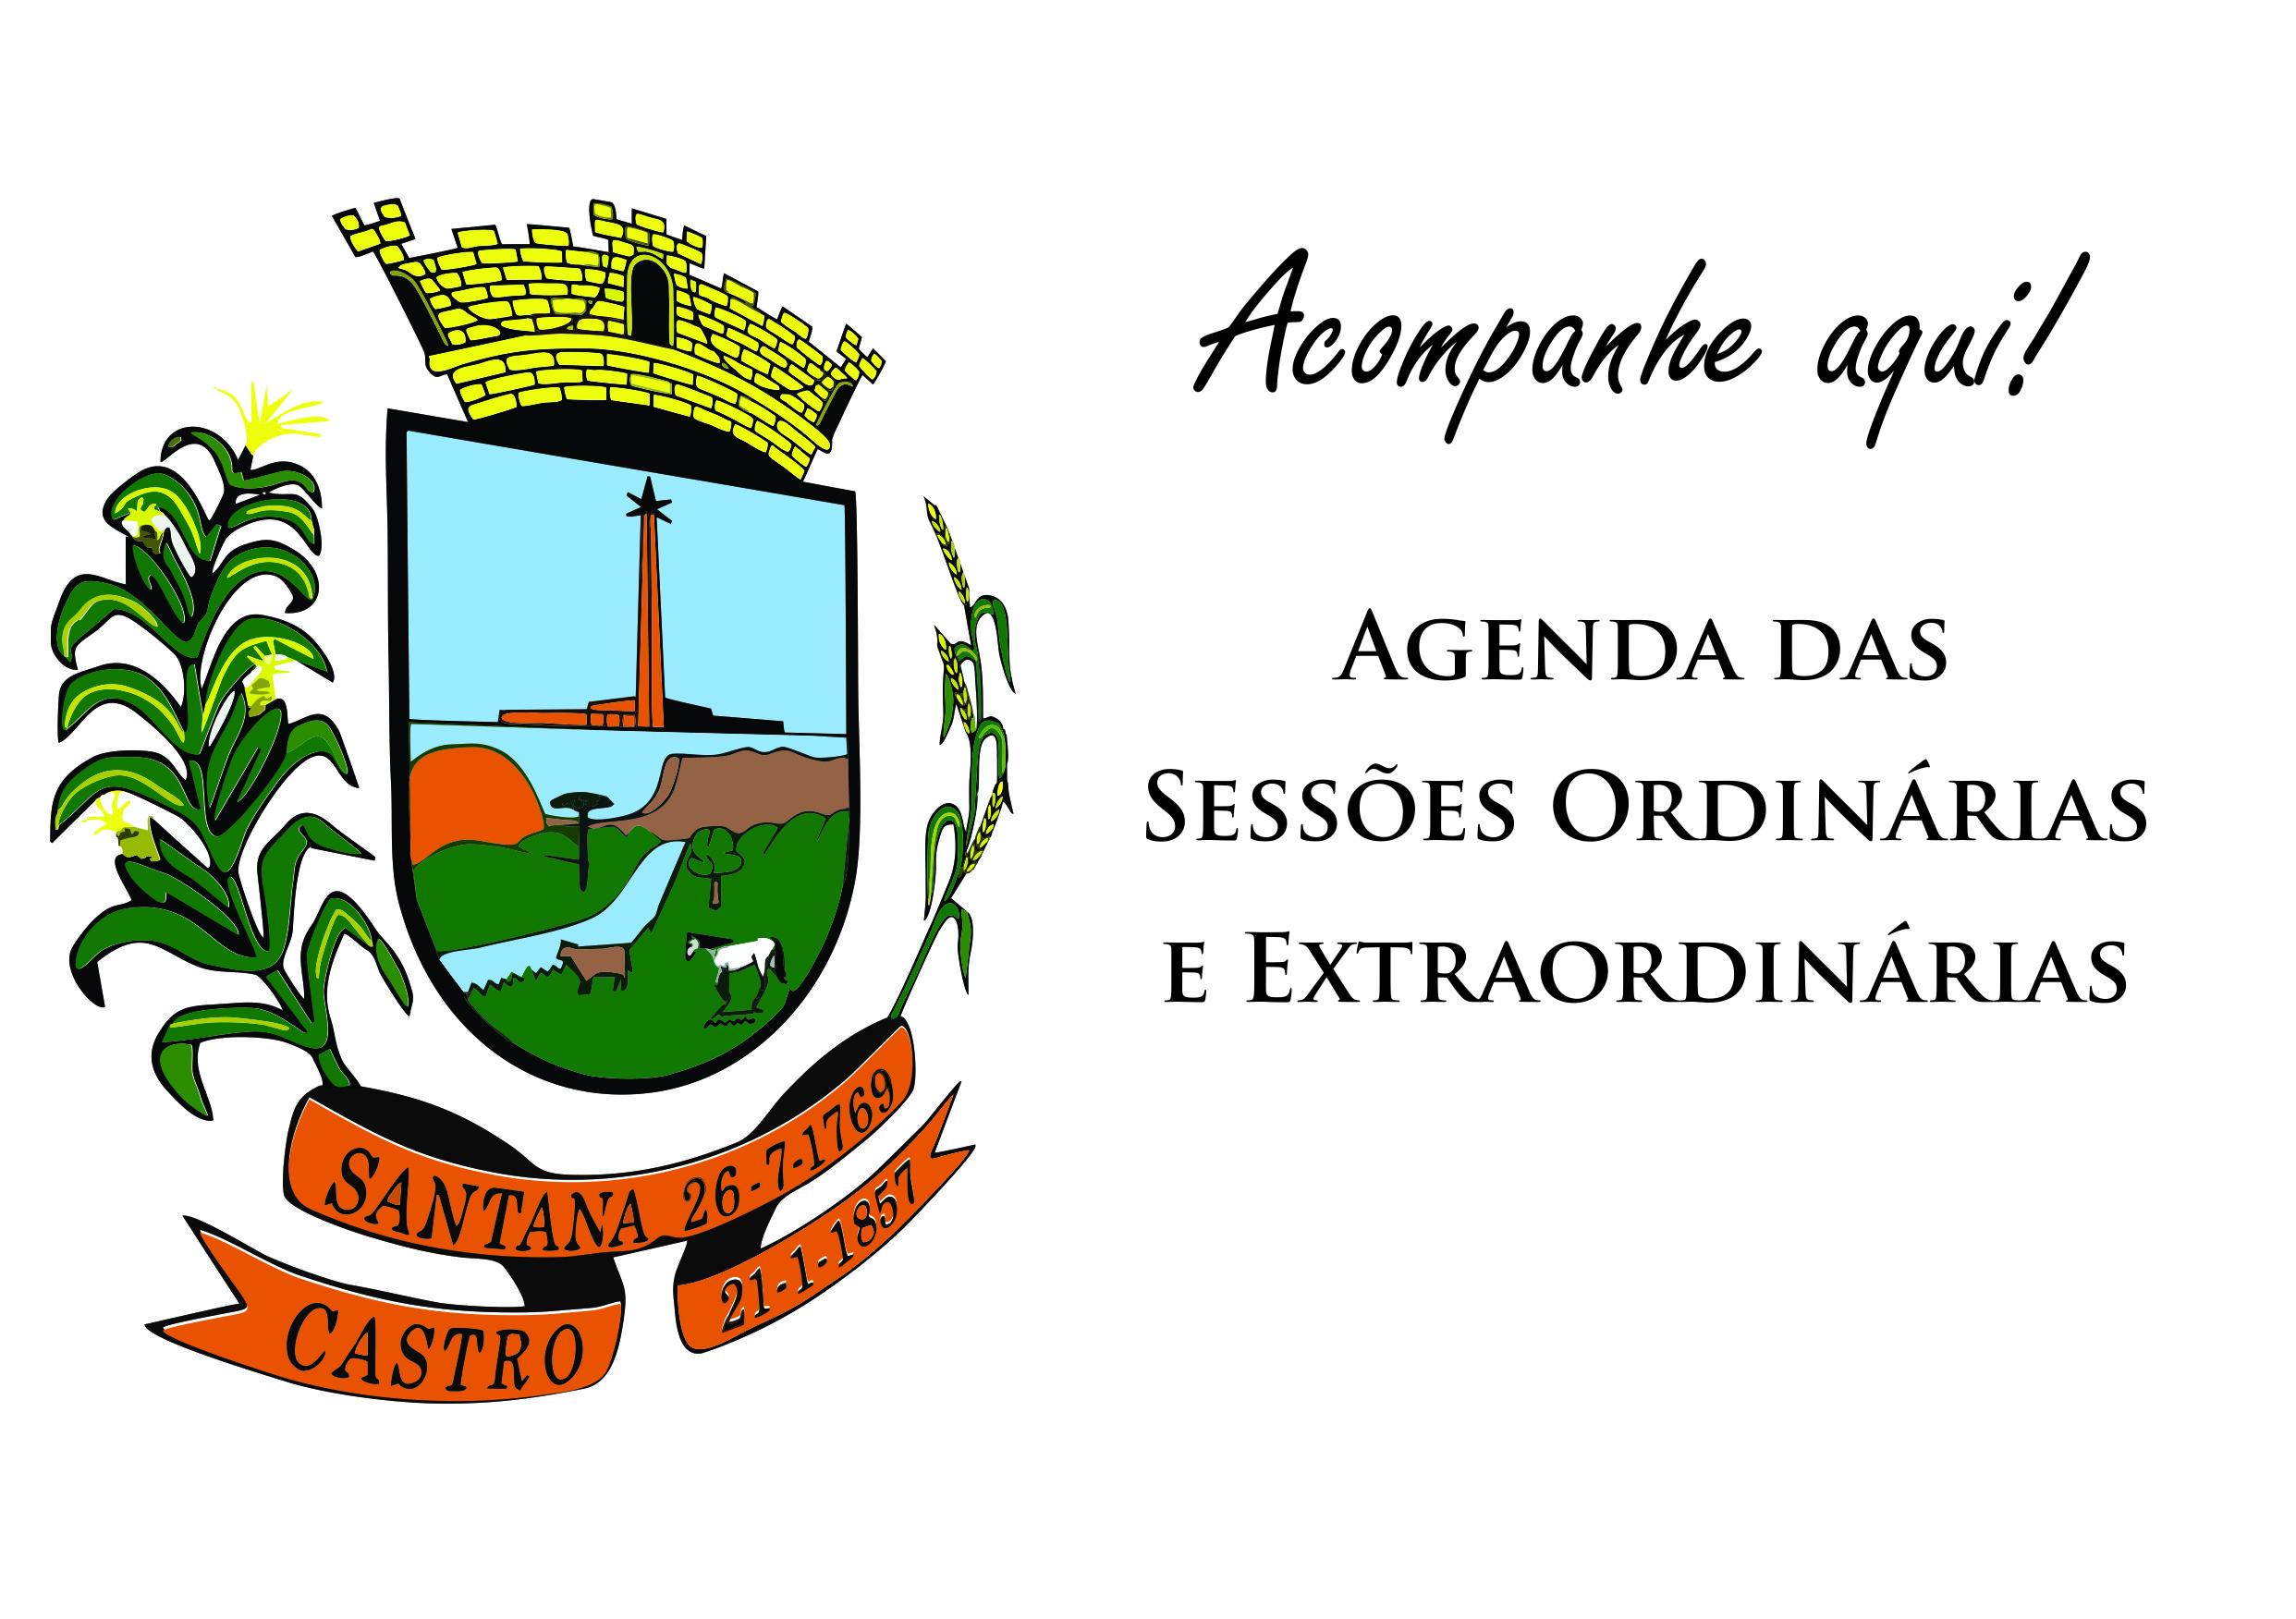 Agenda das Sessões Ordinárias e Extraordinárias de Janeiro